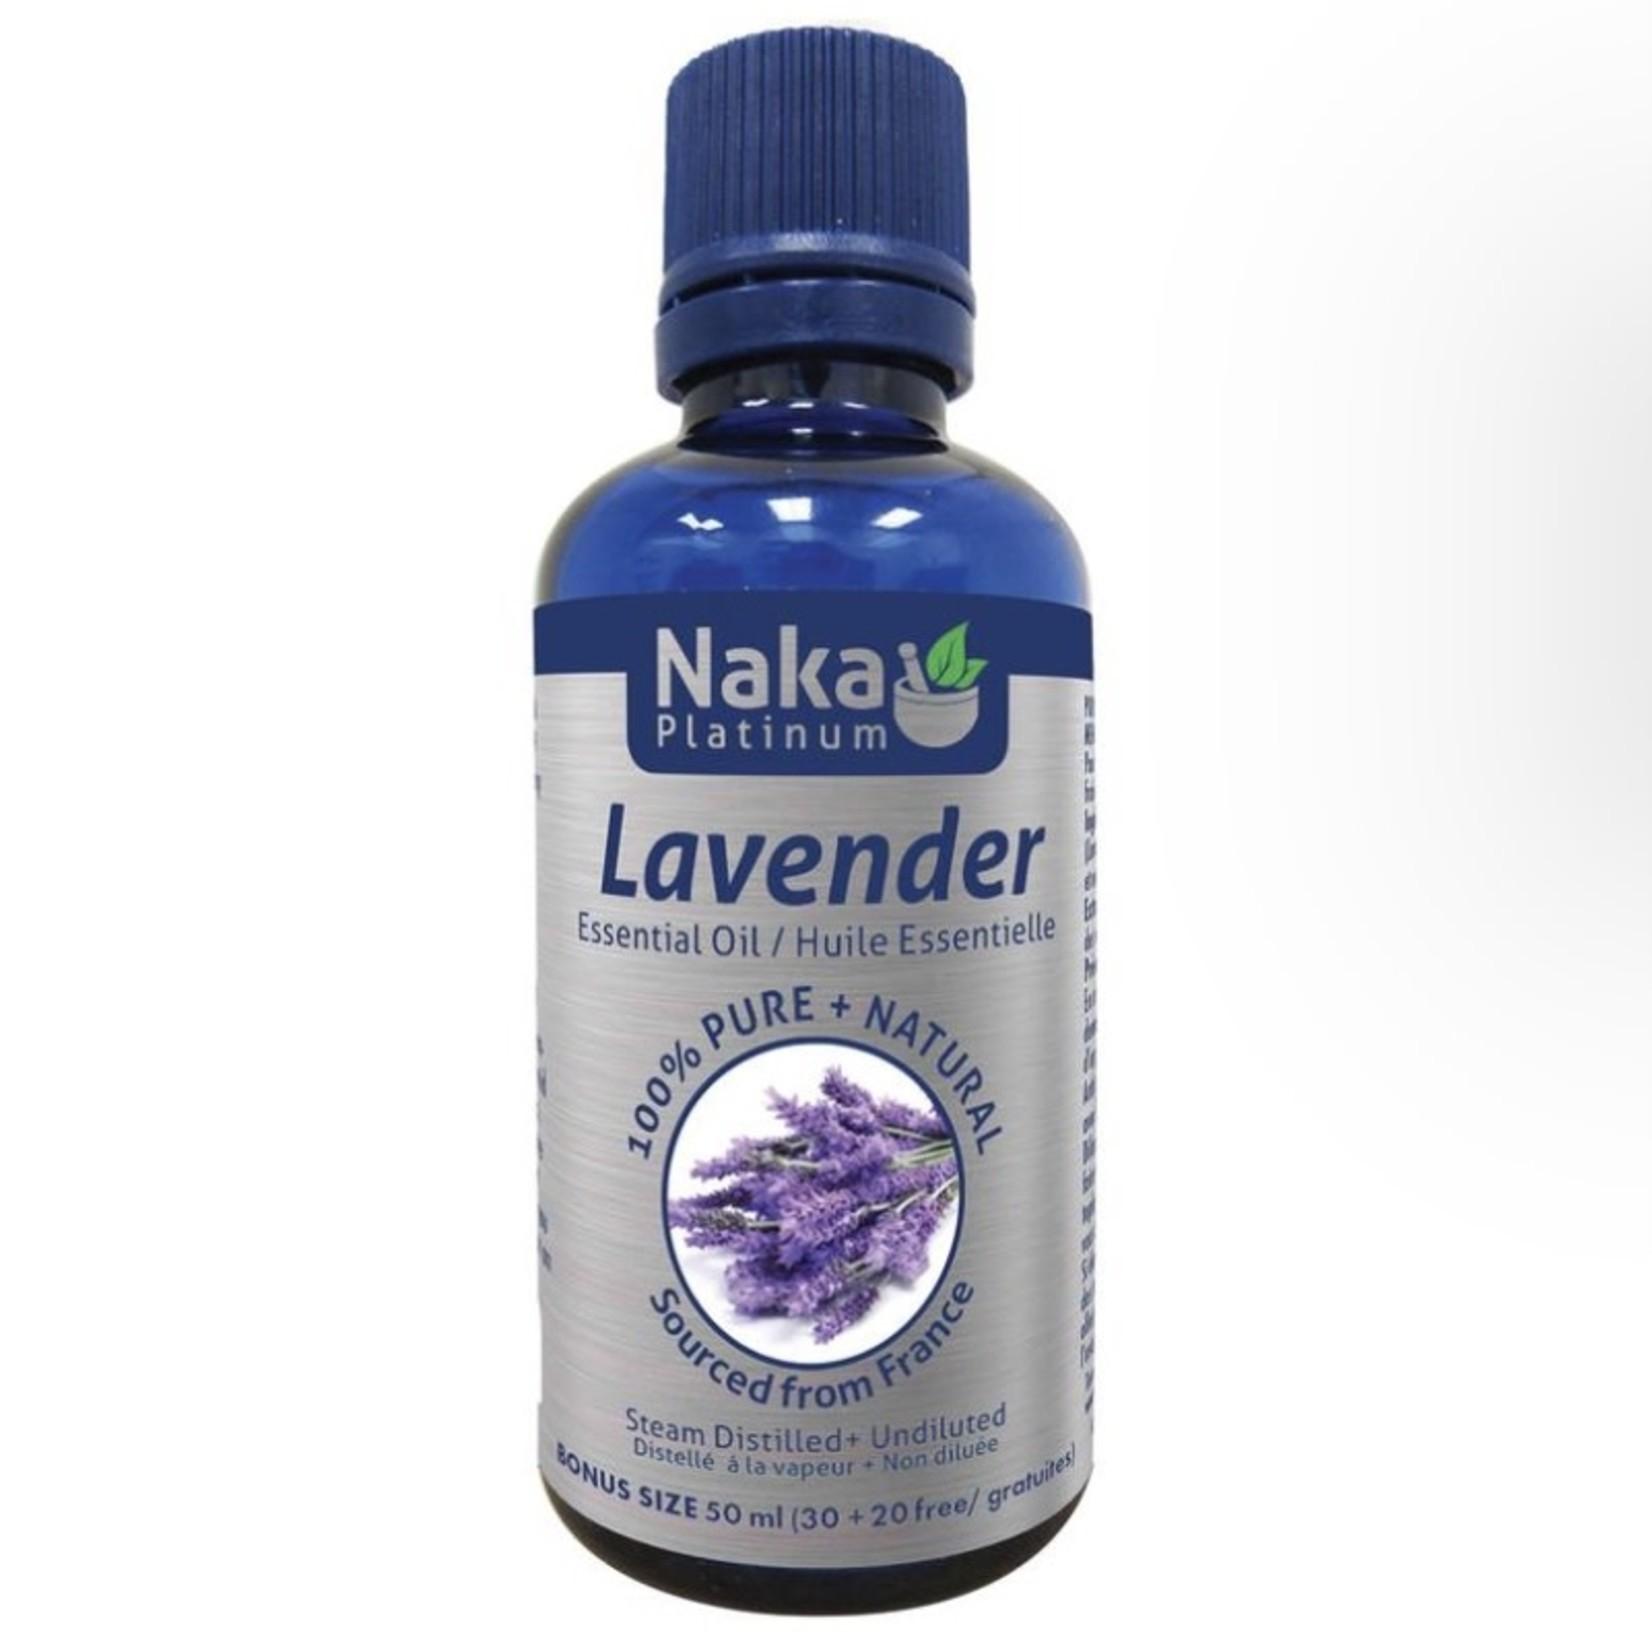 Naka Naka Lavender Essential Oil 50ml